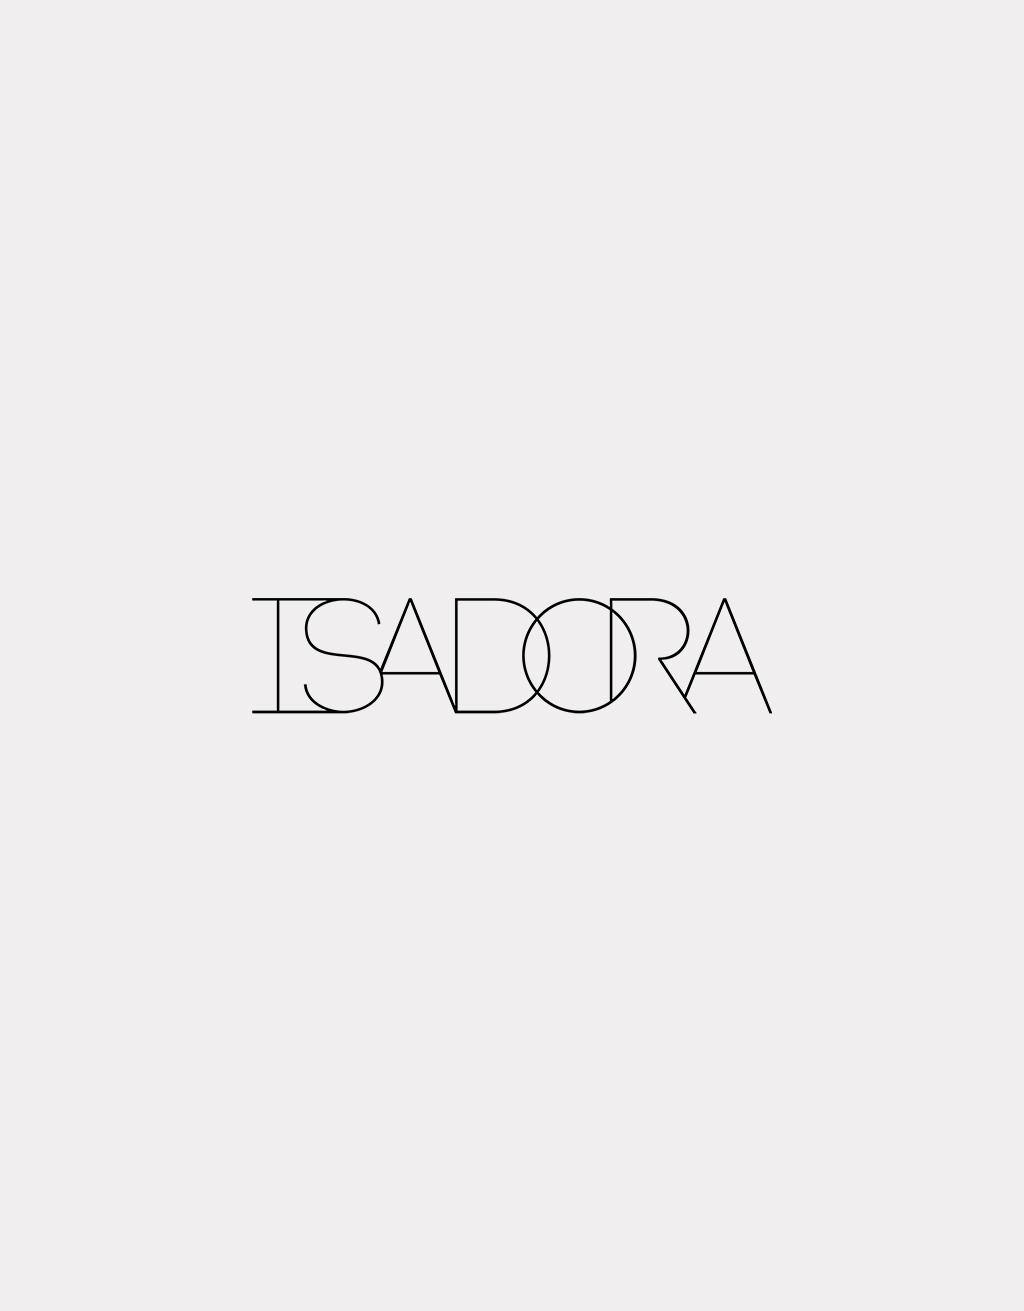 92a2c80c6a20 Pulsera Flexible CASUAL - Pulseras - Bijouterie - Isadora